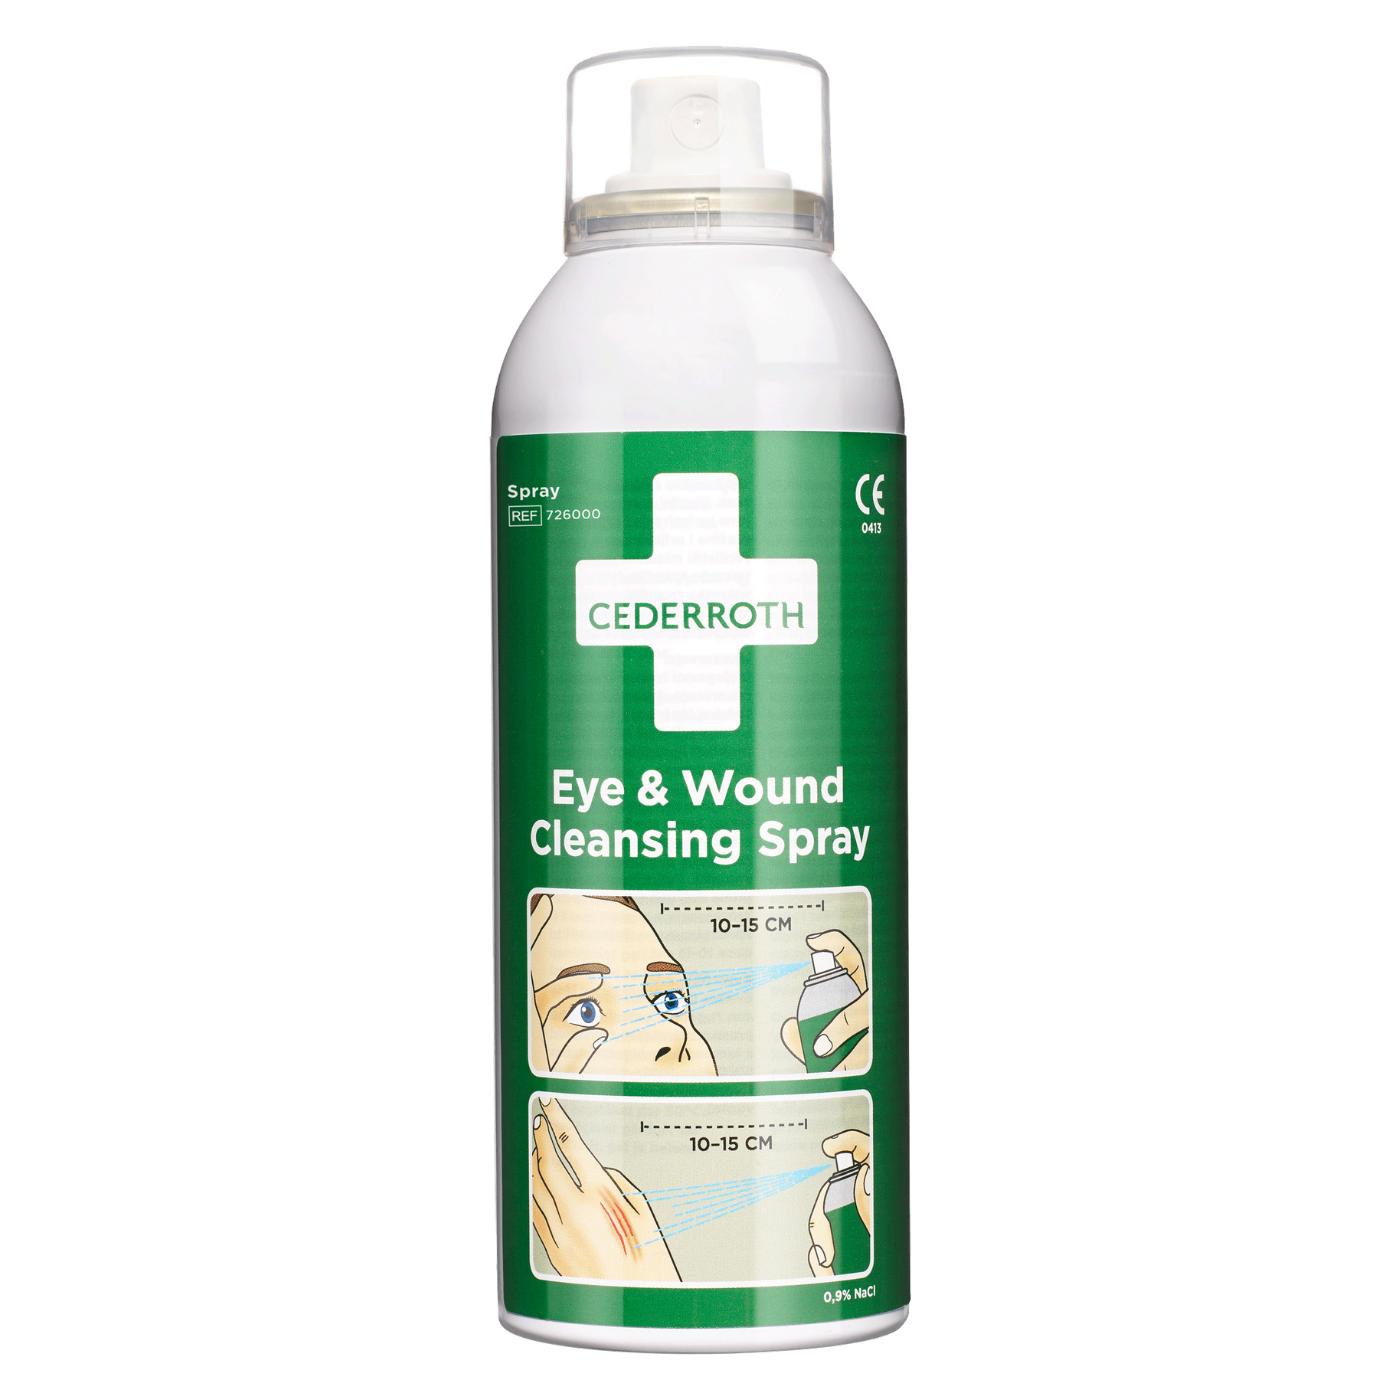 Spray oczyszczający do oczu i ran Cederroth Eye & Wound Cleansing Spray, 150ml